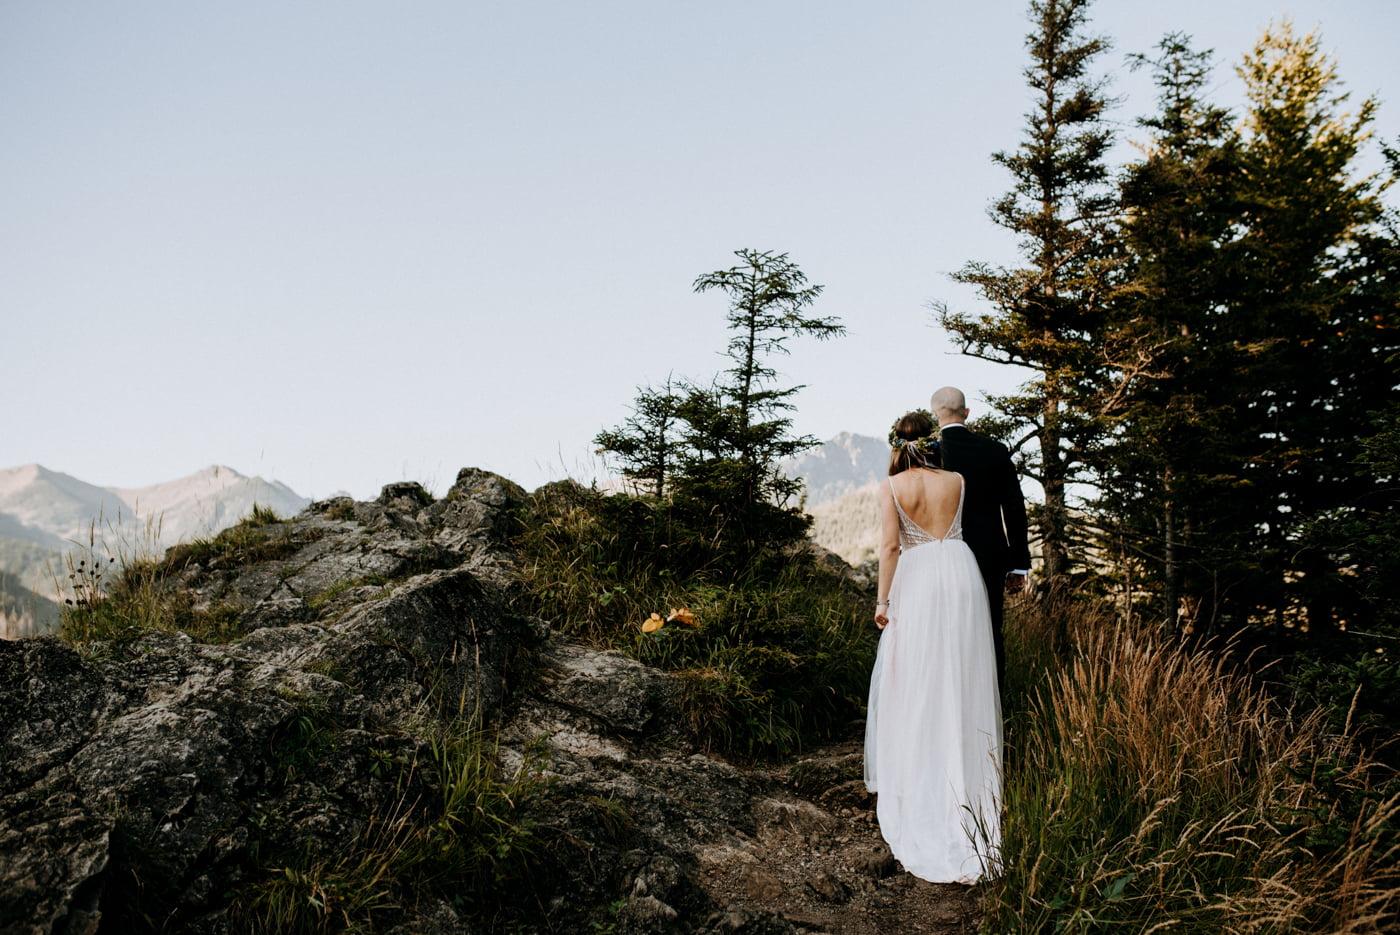 Sesja w górach – Kasia i Łukasz 34